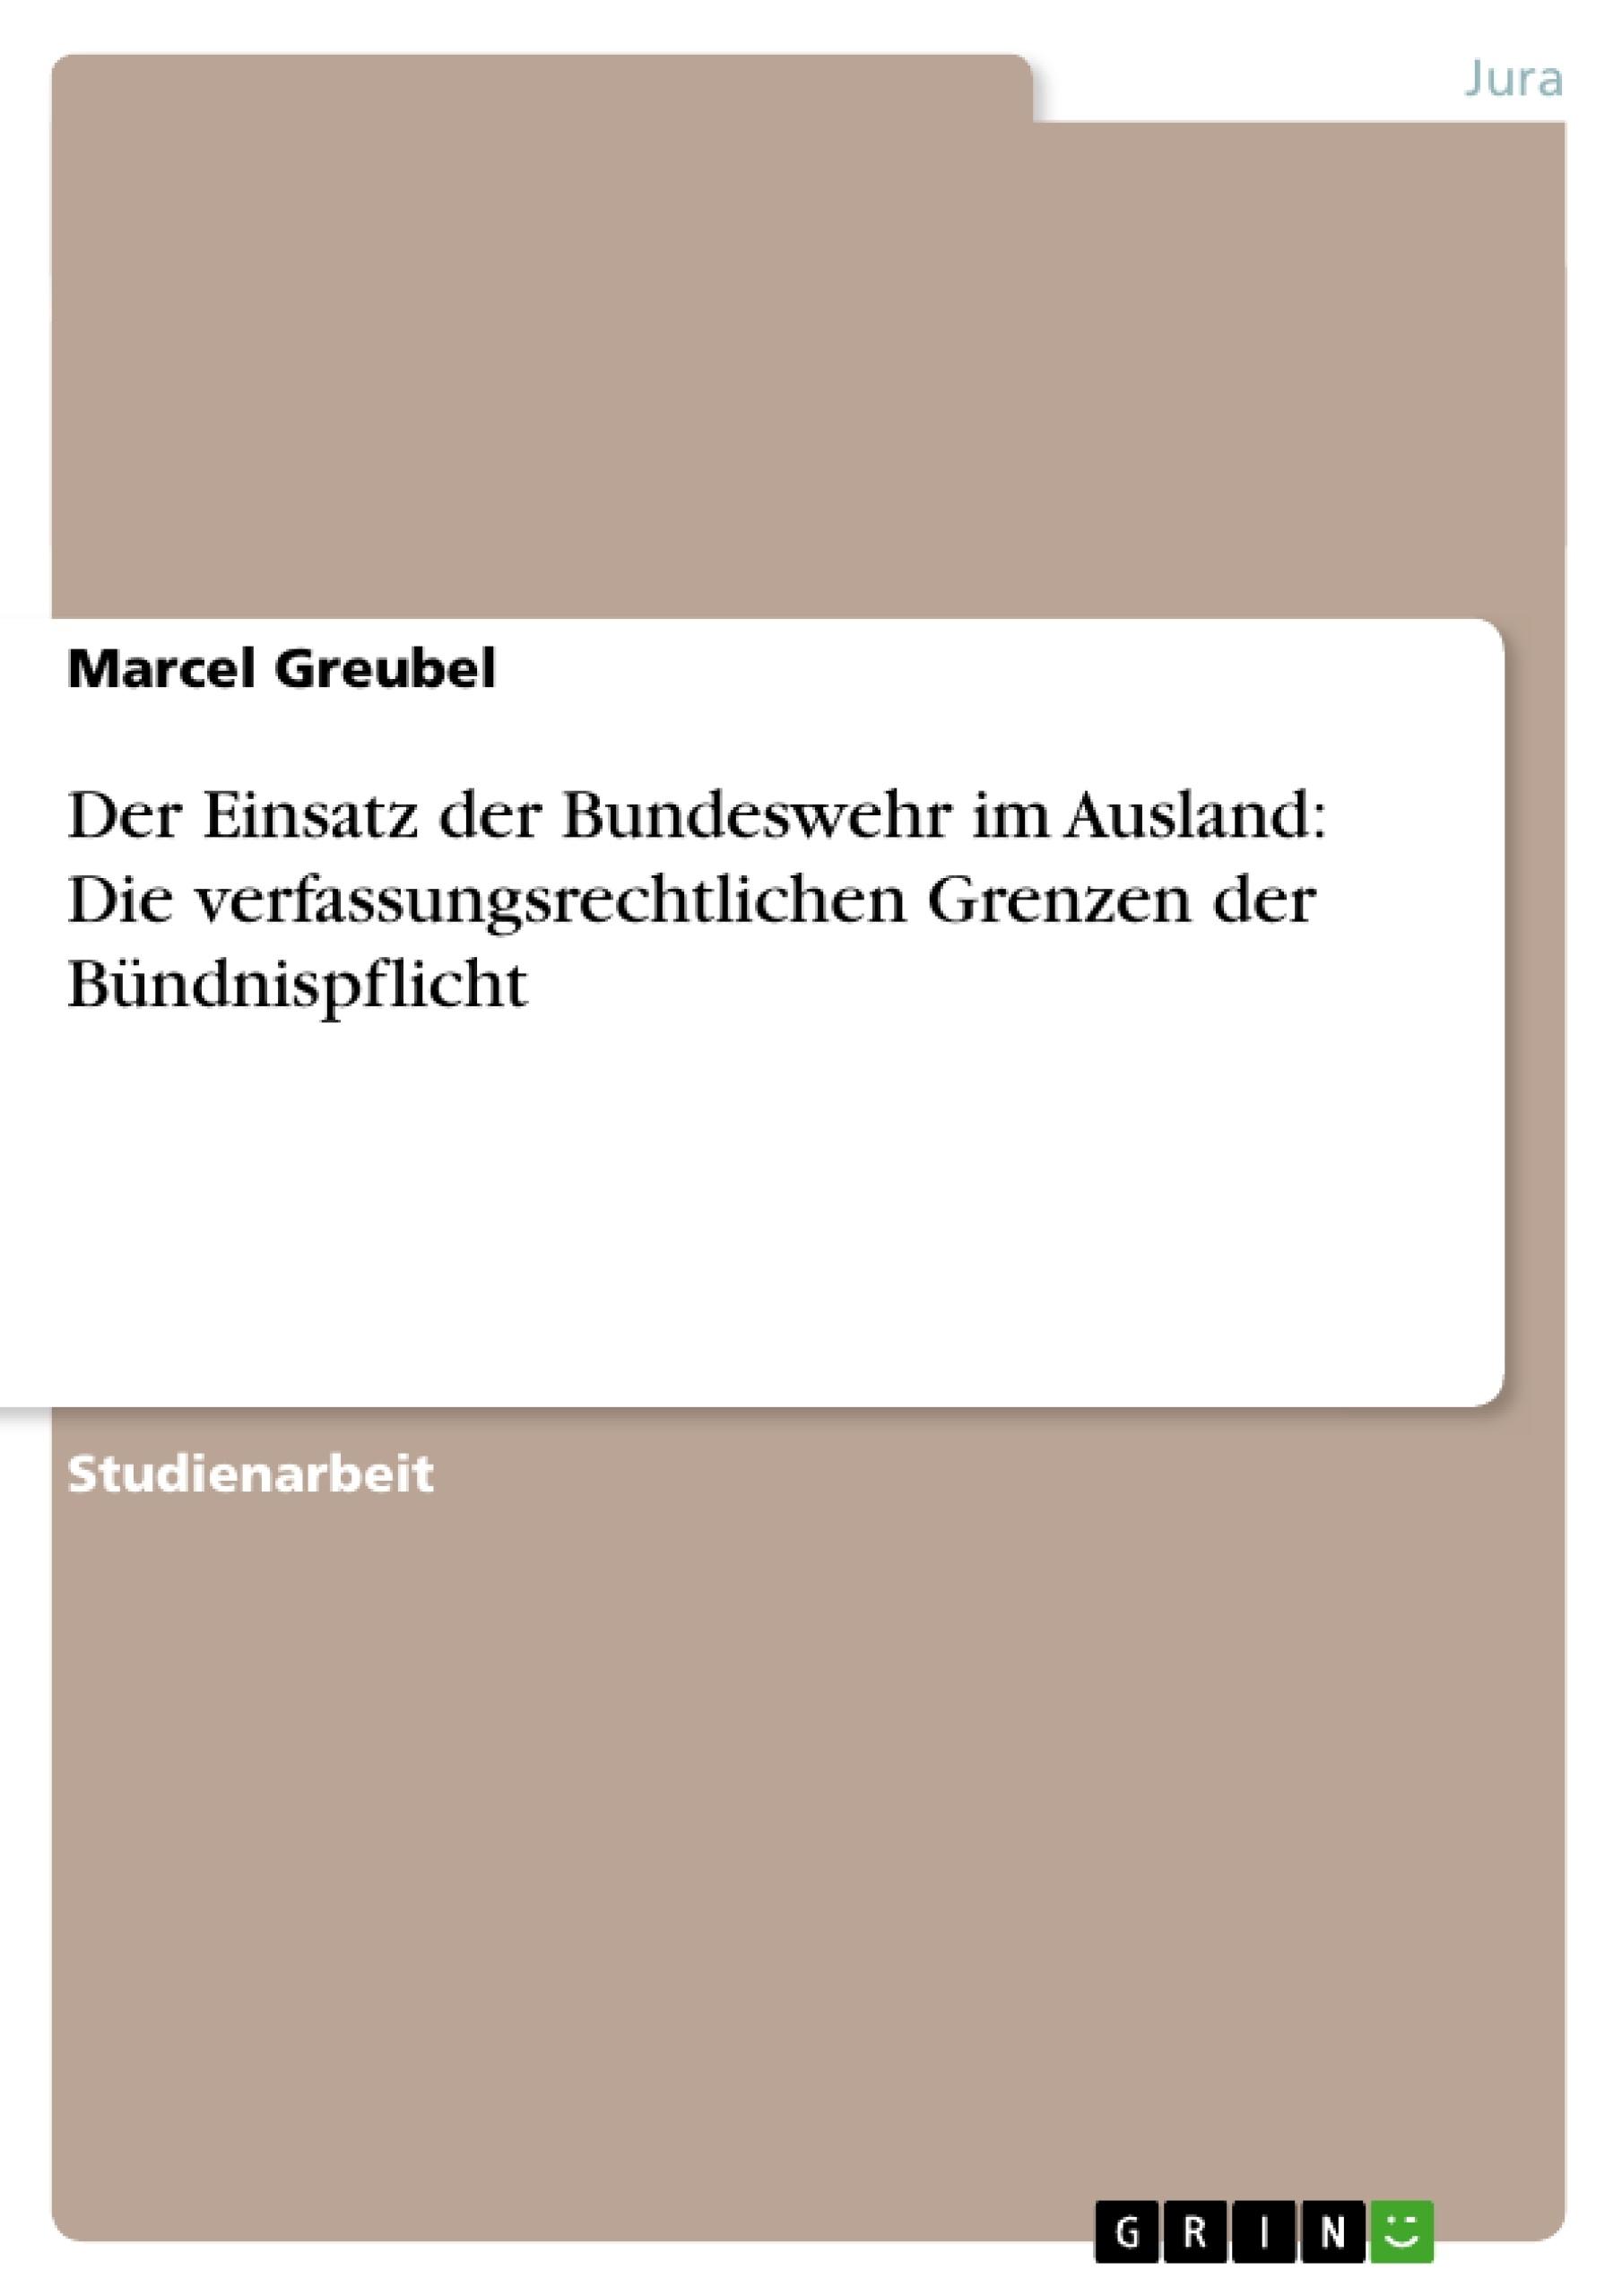 Titel: Der Einsatz der Bundeswehr im Ausland: Die verfassungsrechtlichen Grenzen der Bündnispflicht